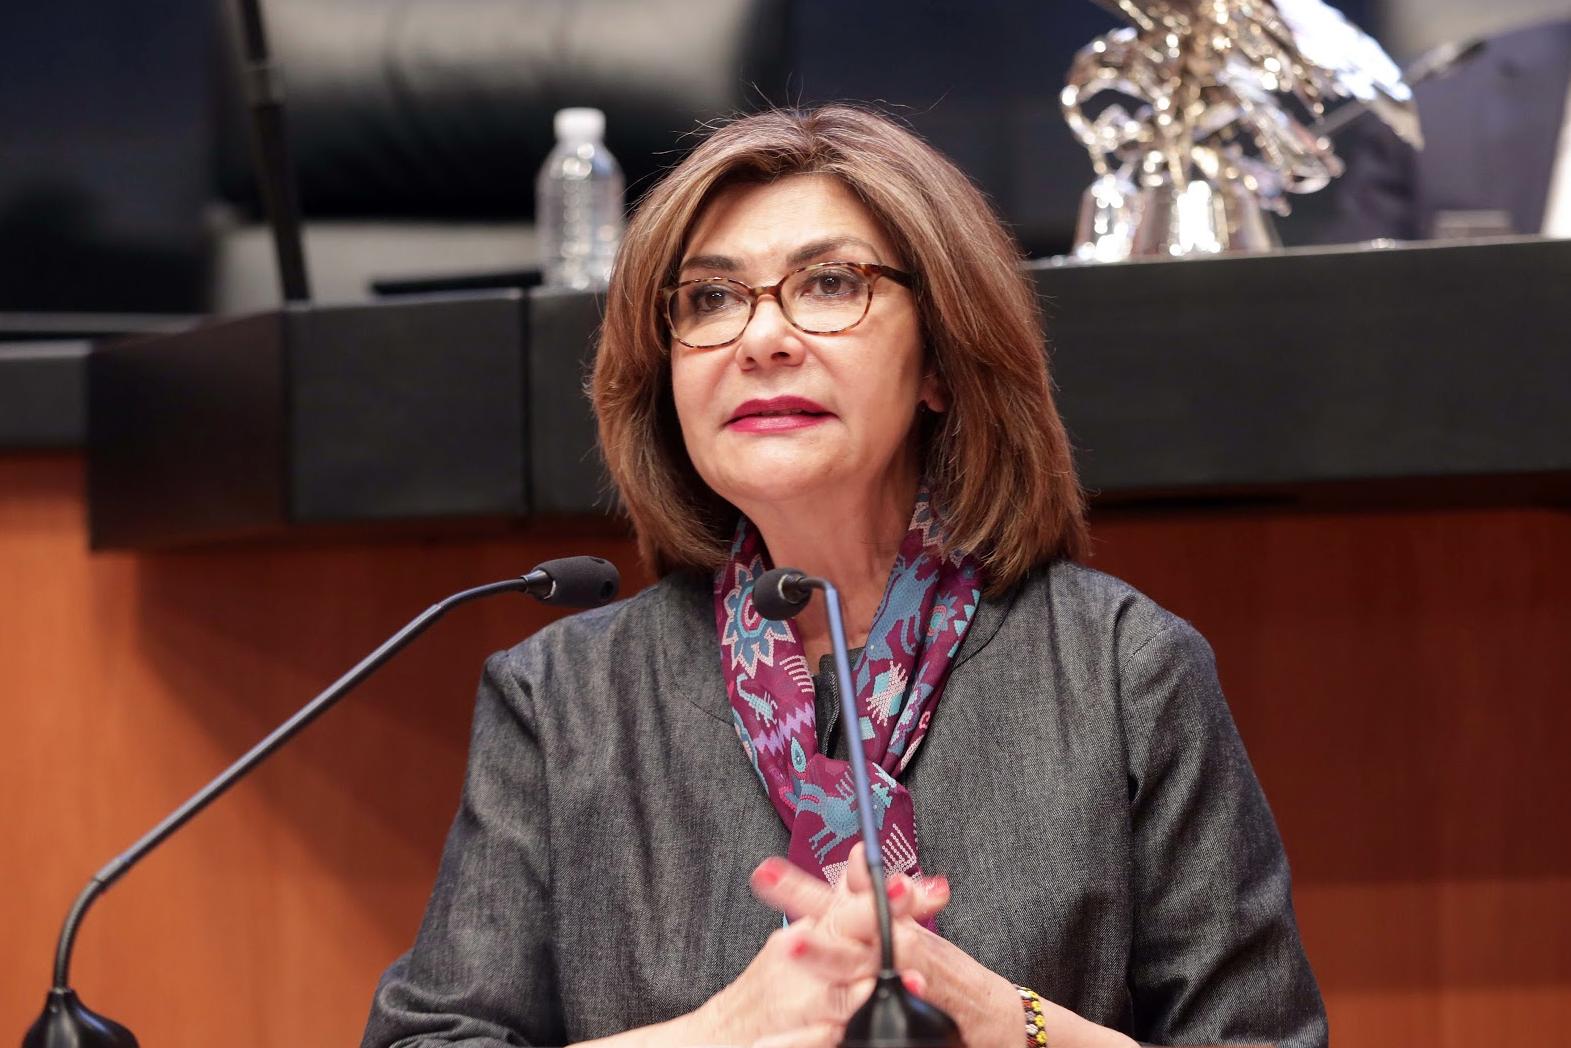 La Comisión de Derechos Humanos del Senado fortaleció los derechos de la niñez y los jóvenes